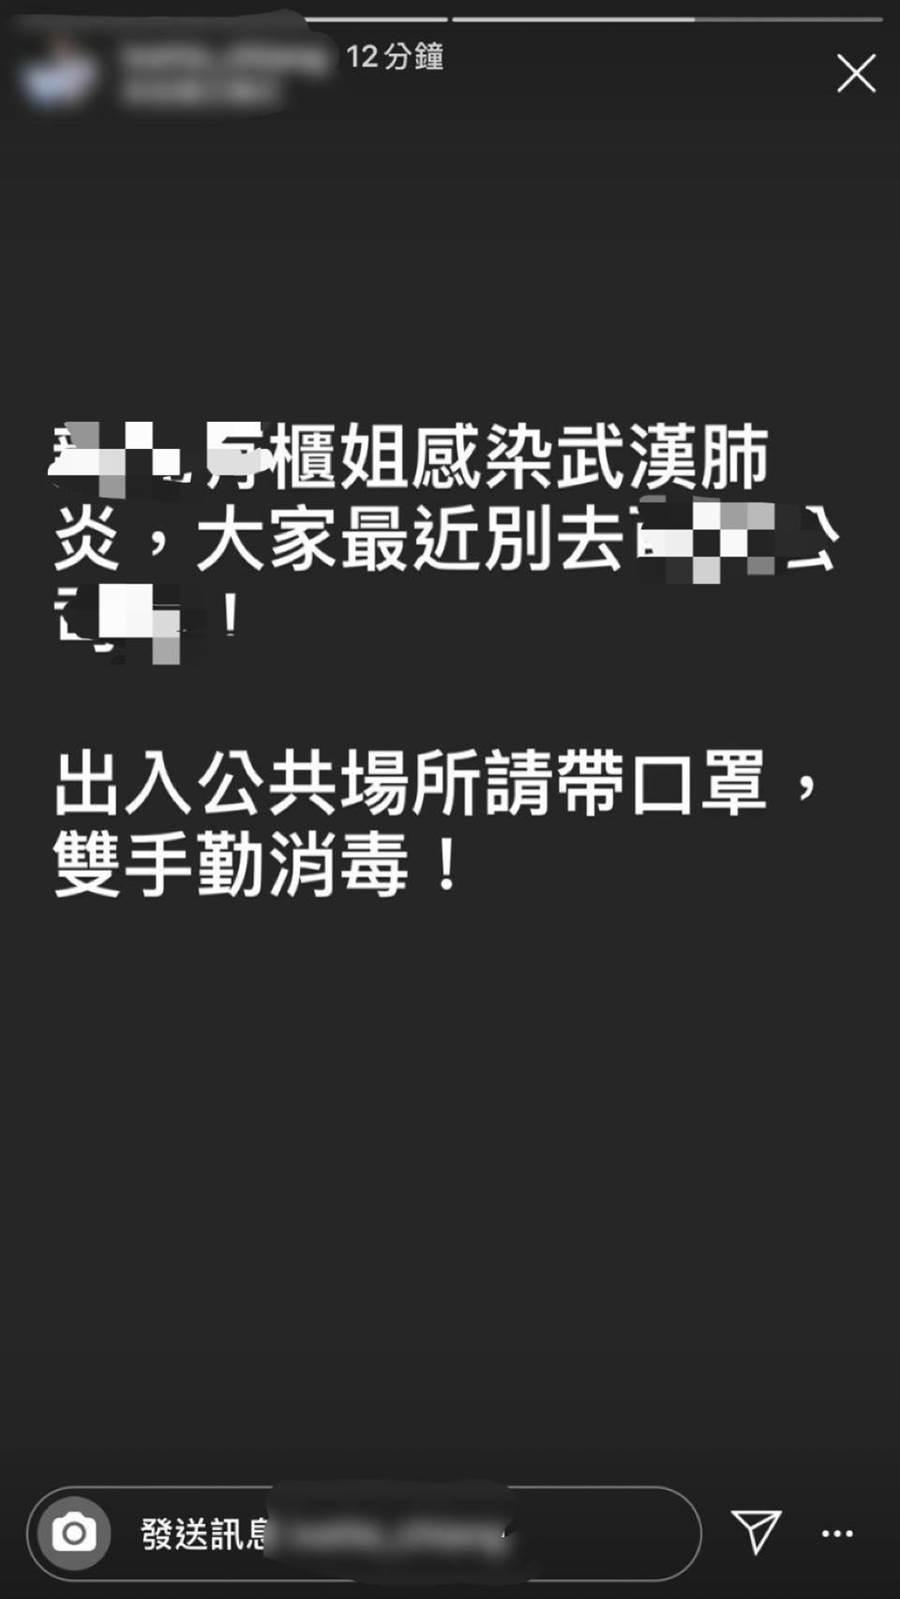 台中市警察局第六分局發現有民眾轉傳某百貨公司櫃姐感染新冠肺炎等不實訊息,警方馬上逮人到案。(翻攝照片/盧金足台中傳真)